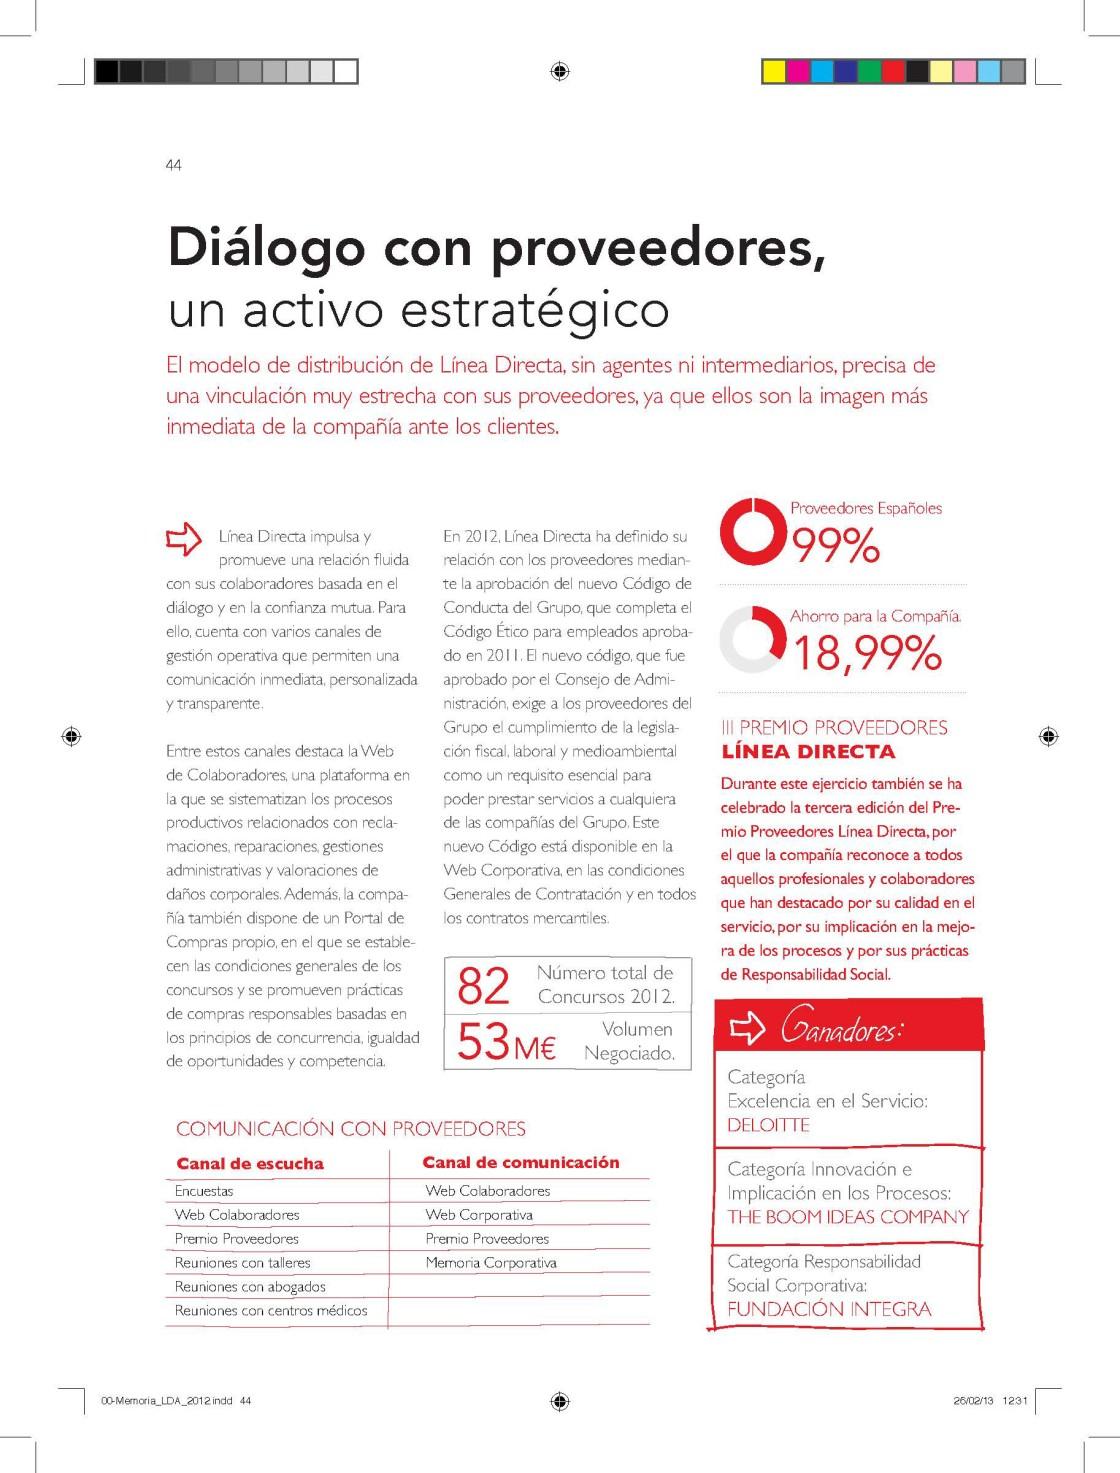 Memoria_LDA_2012_Page_44